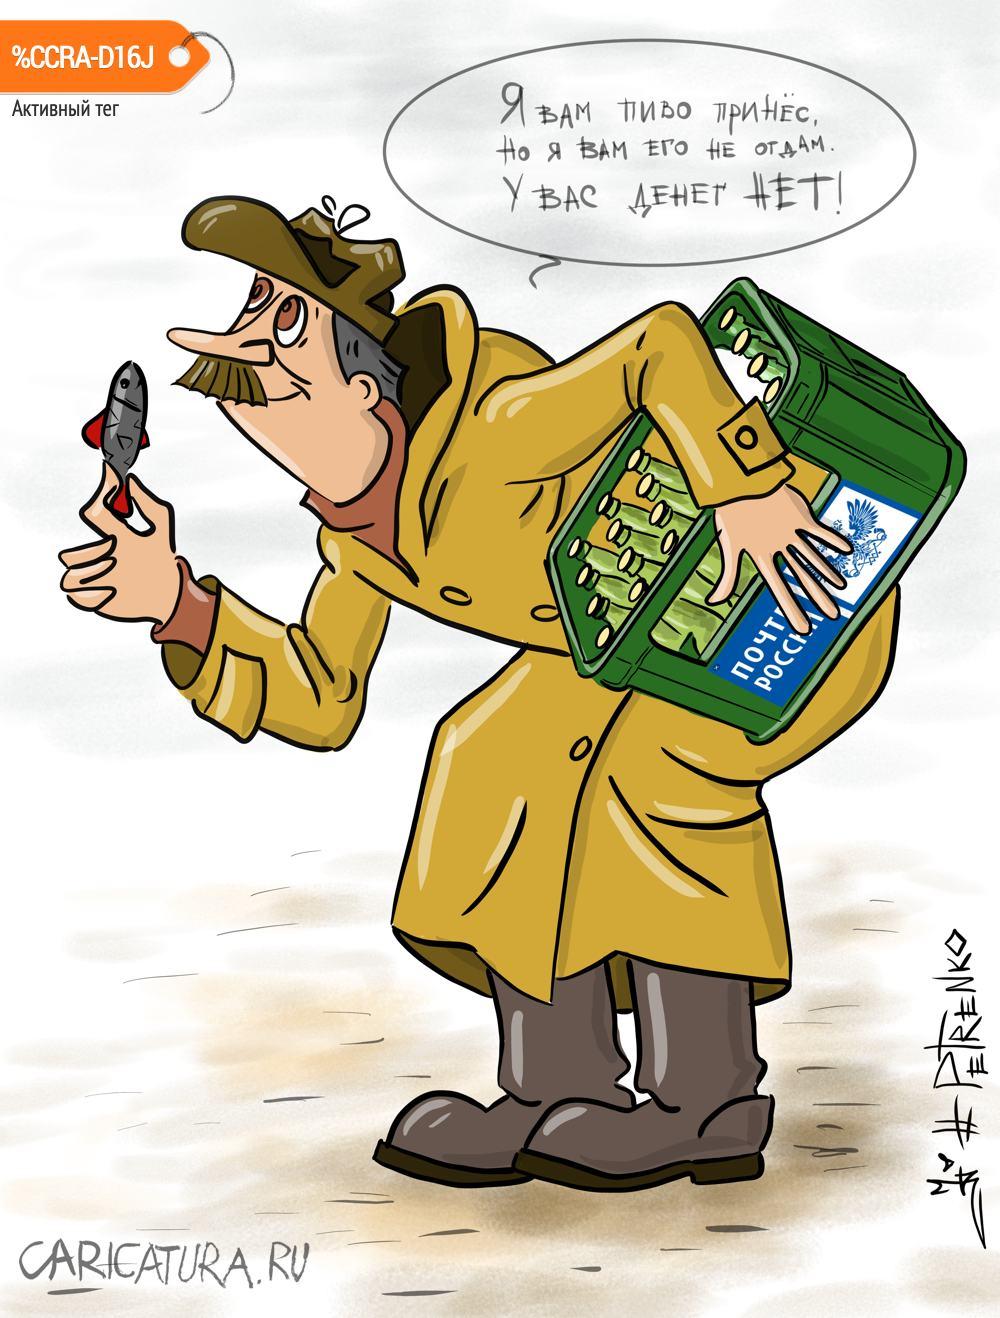 Картинки по запросу карикатура пиво